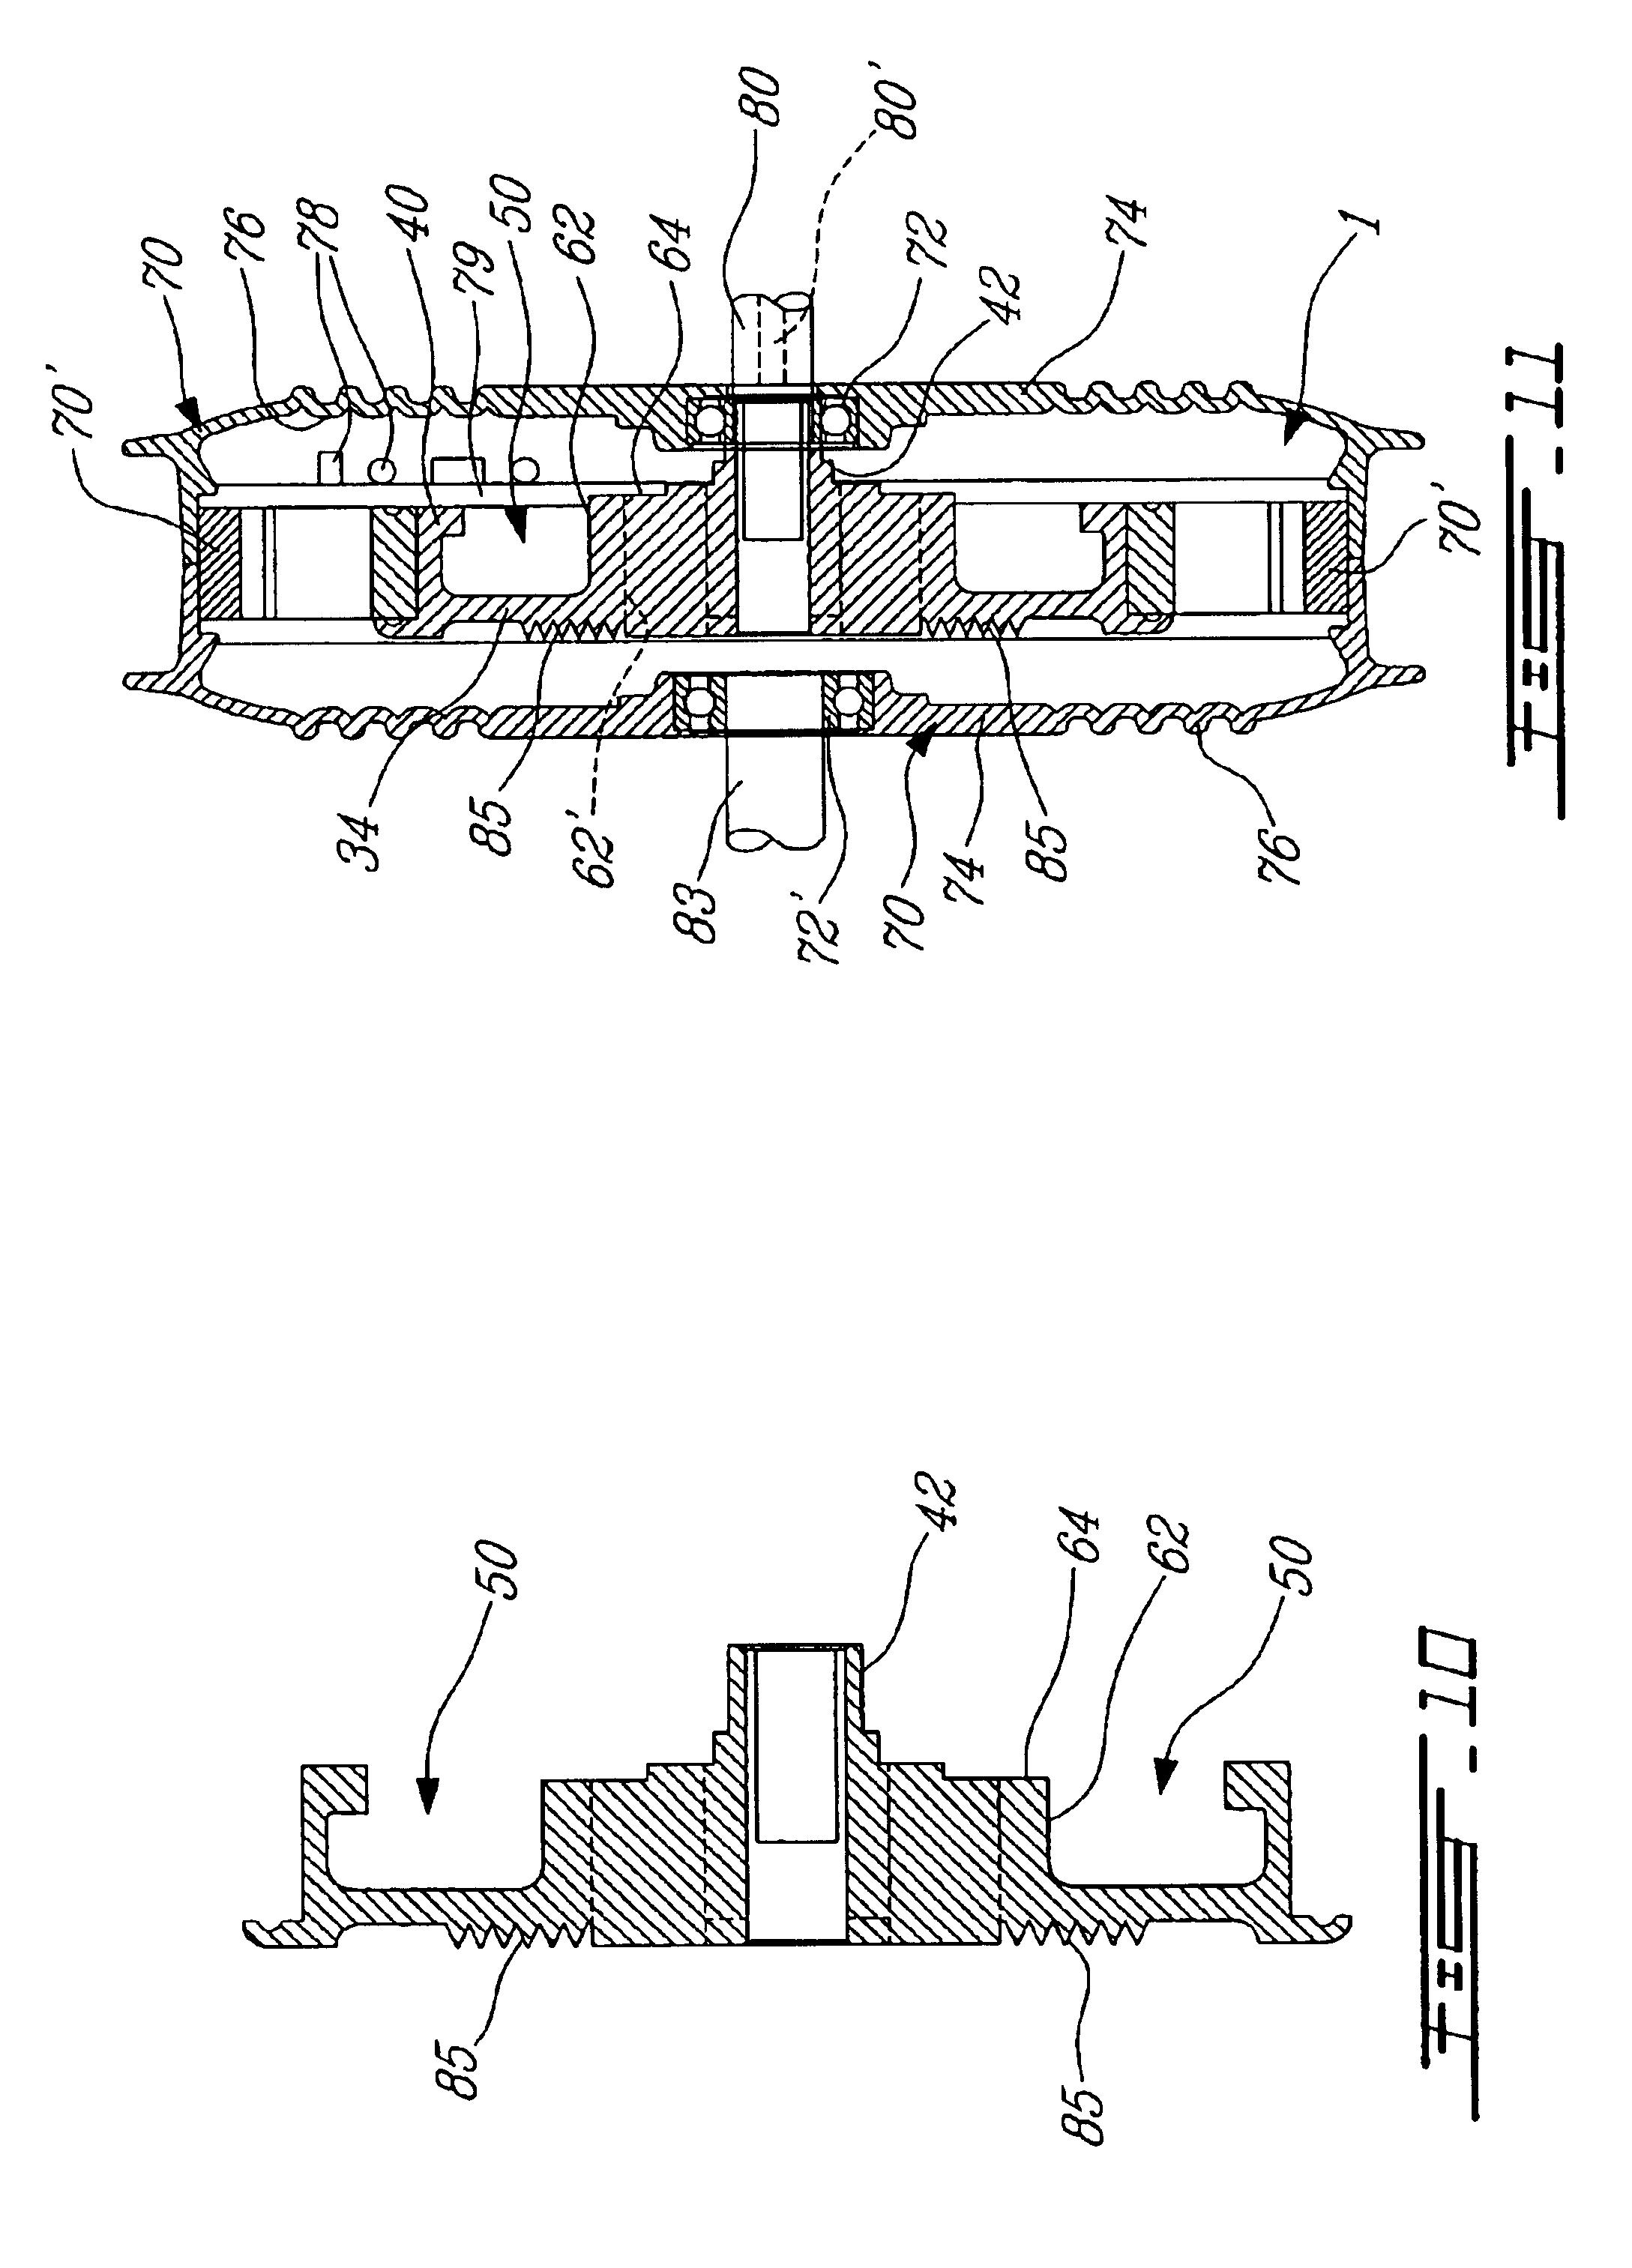 patent us6836036